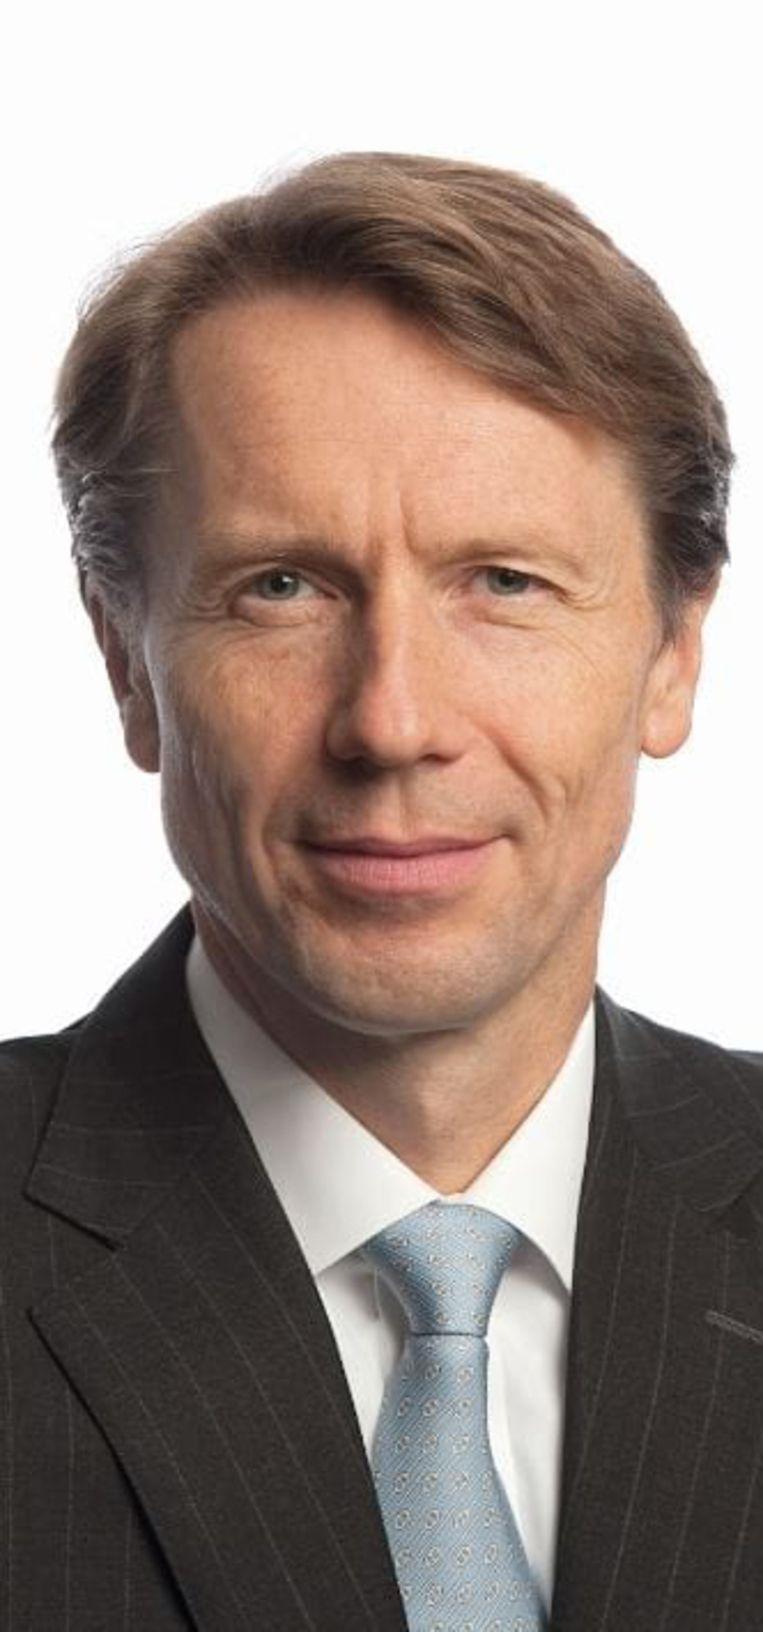 Erik Engstsröm van Relx kreeg in de periode 2016-2018 een beloning van 36,3 miljoen euro. Beeld -